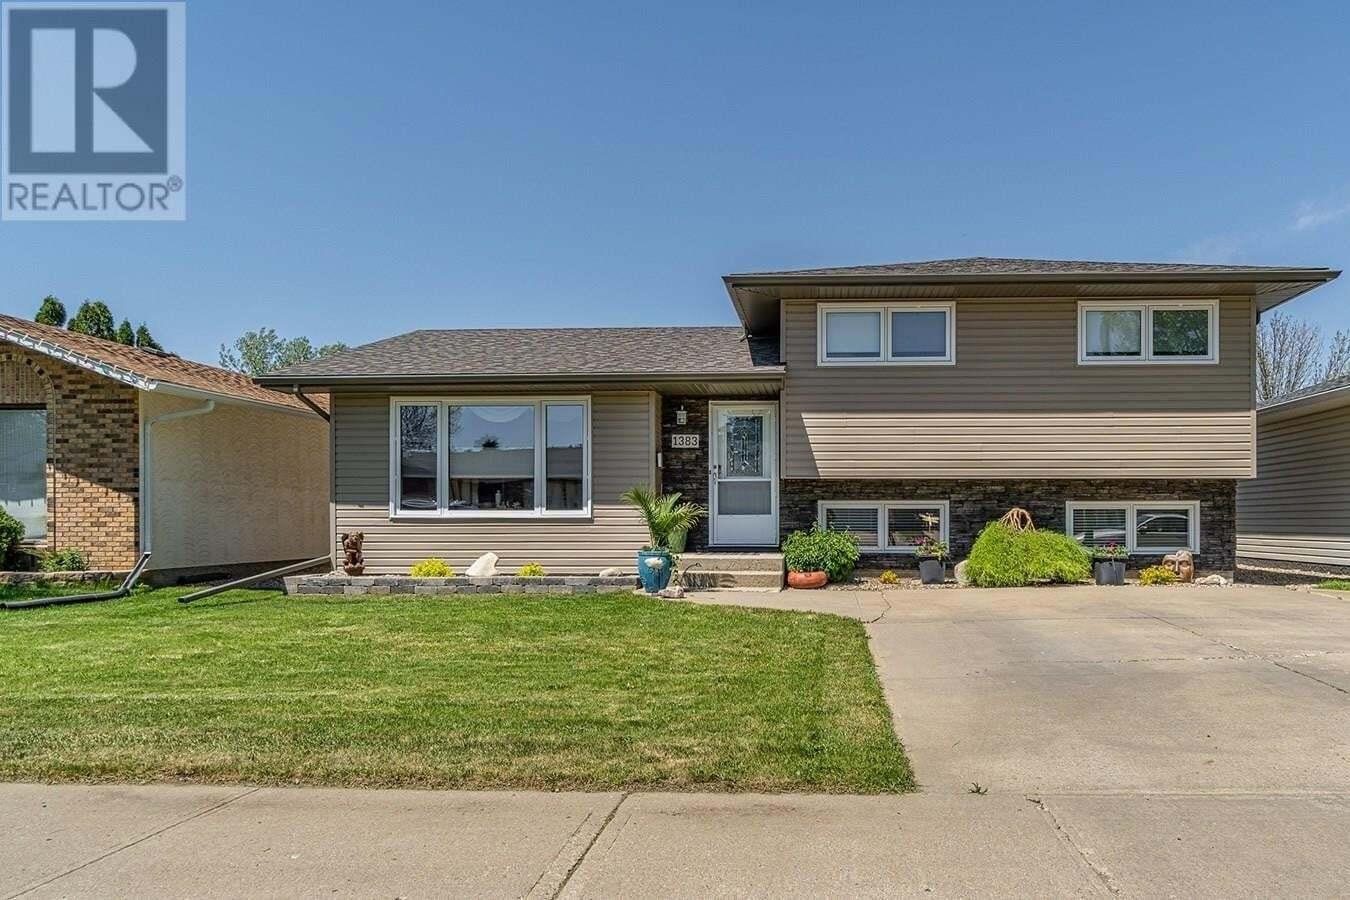 House for sale at 1383 Regal Cres Moose Jaw Saskatchewan - MLS: SK810735